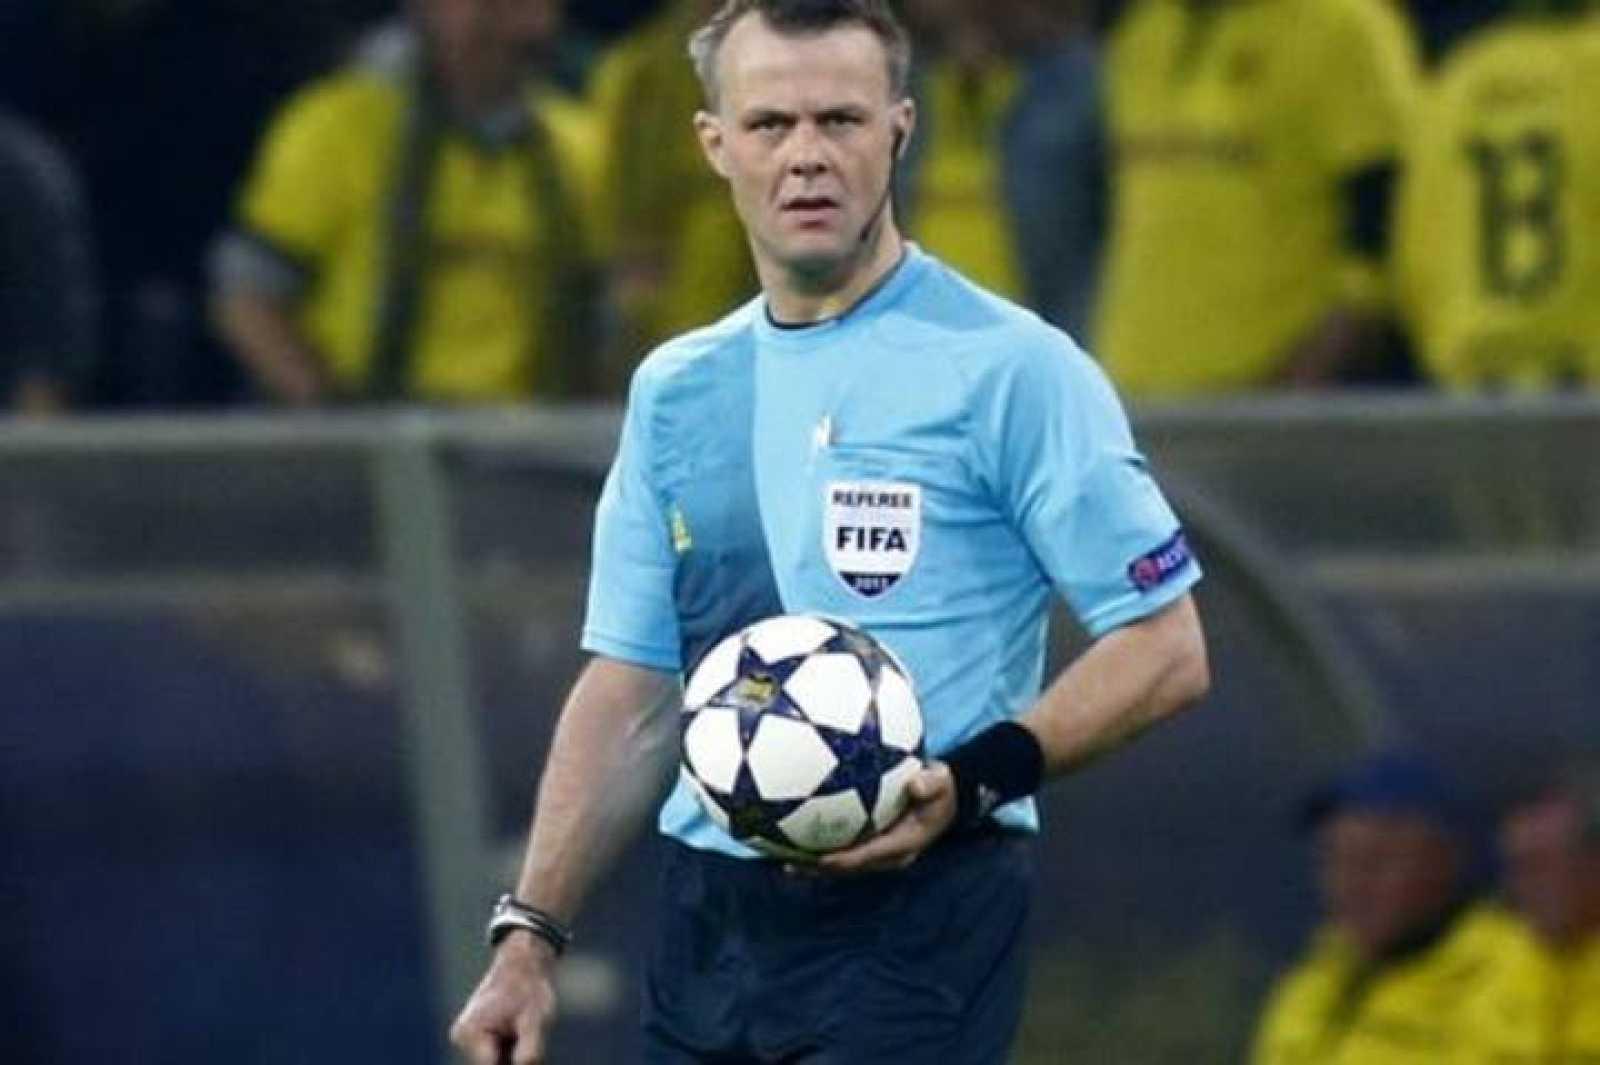 Björn Kuipers será el encargado de abitrar la final de Champions entre Real Madrid y Atlético de Madrid.